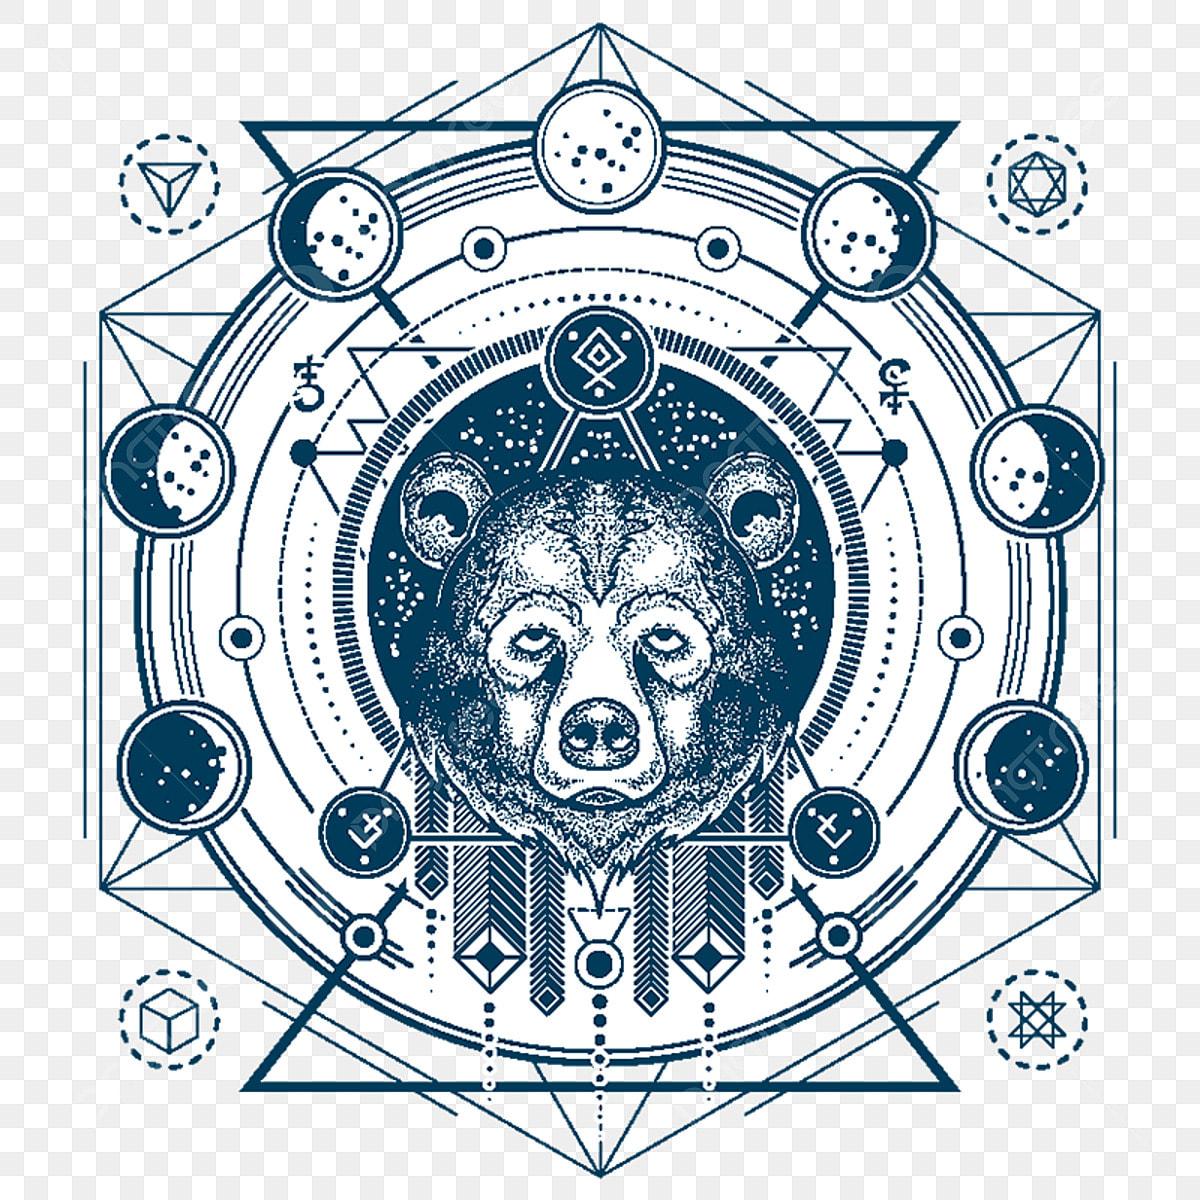 Totem Tattoo Totem Like Totem Png Transparent Clipart